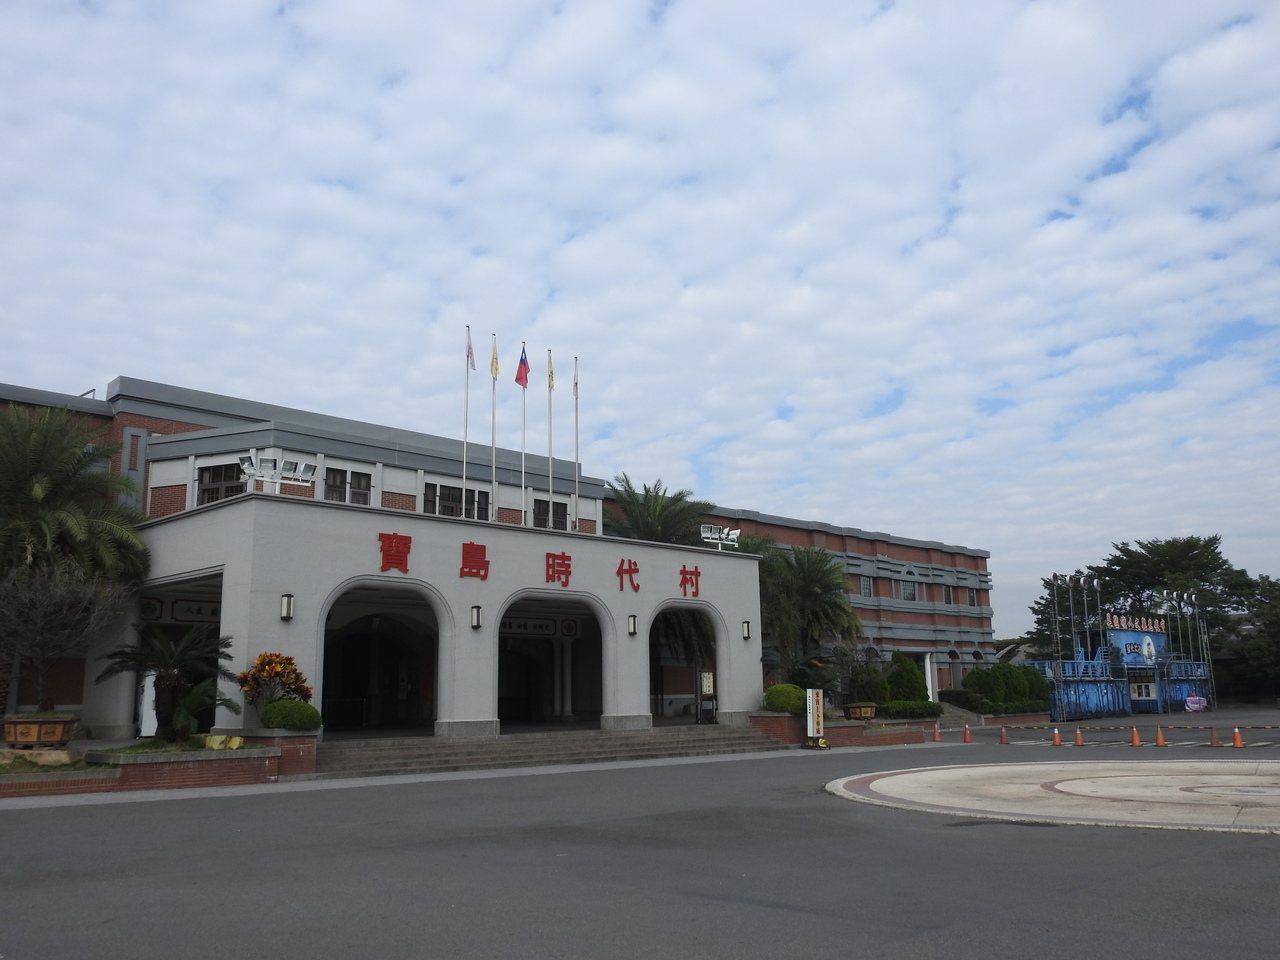 藝人小潘潘老公、「夜市大亨」江欽良創辦的「寶島時代村」昨突公告「年底結束營業」。...